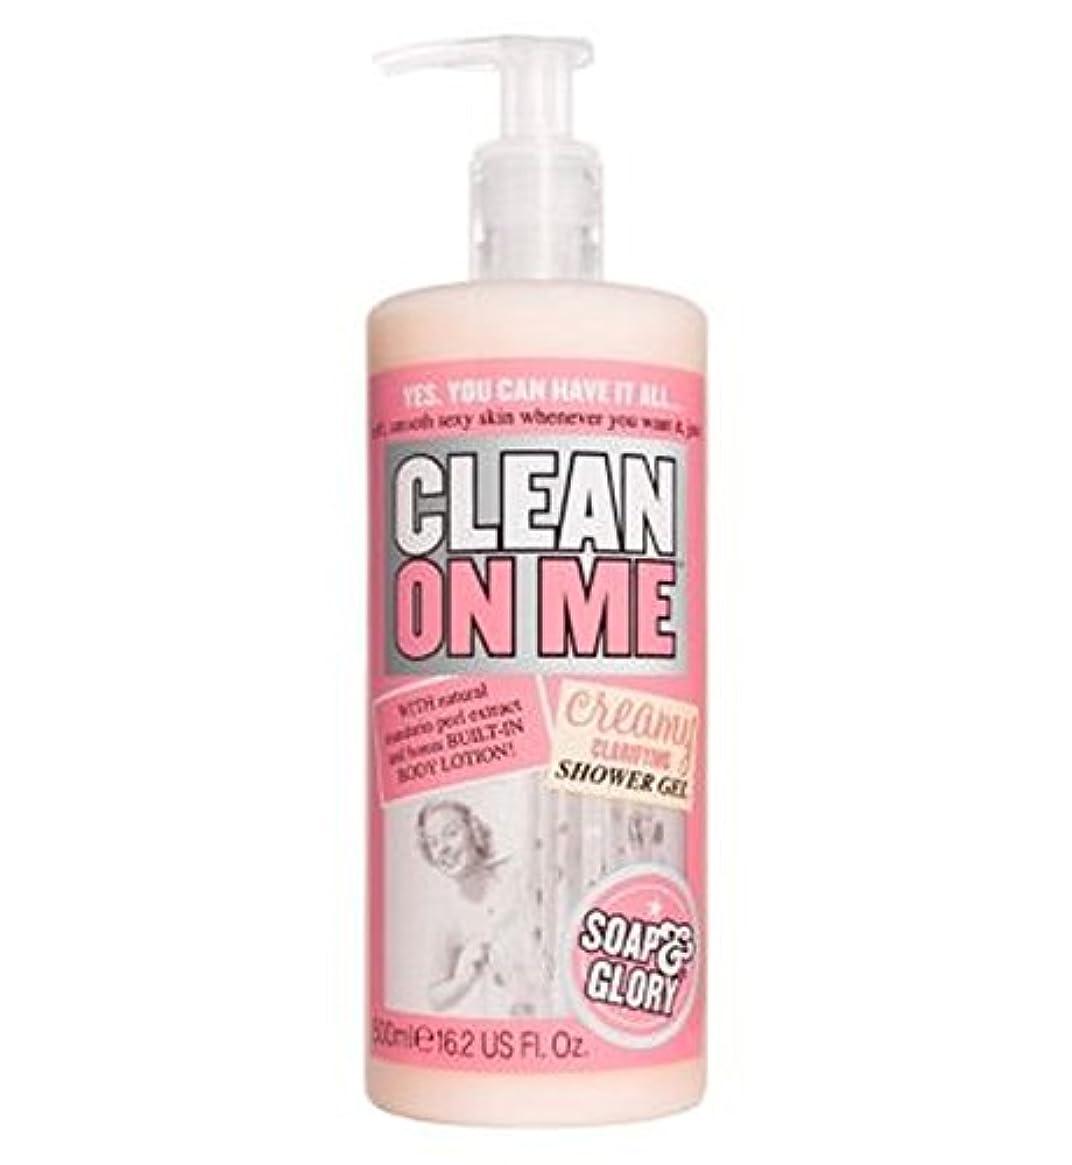 ラッチ教効率的私にきれいな石鹸&栄光はシャワージェル500ミリリットルを明確にクリーミー (Soap & Glory) (x2) - Soap & Glory Clean On Me Creamy Clarifying Shower...